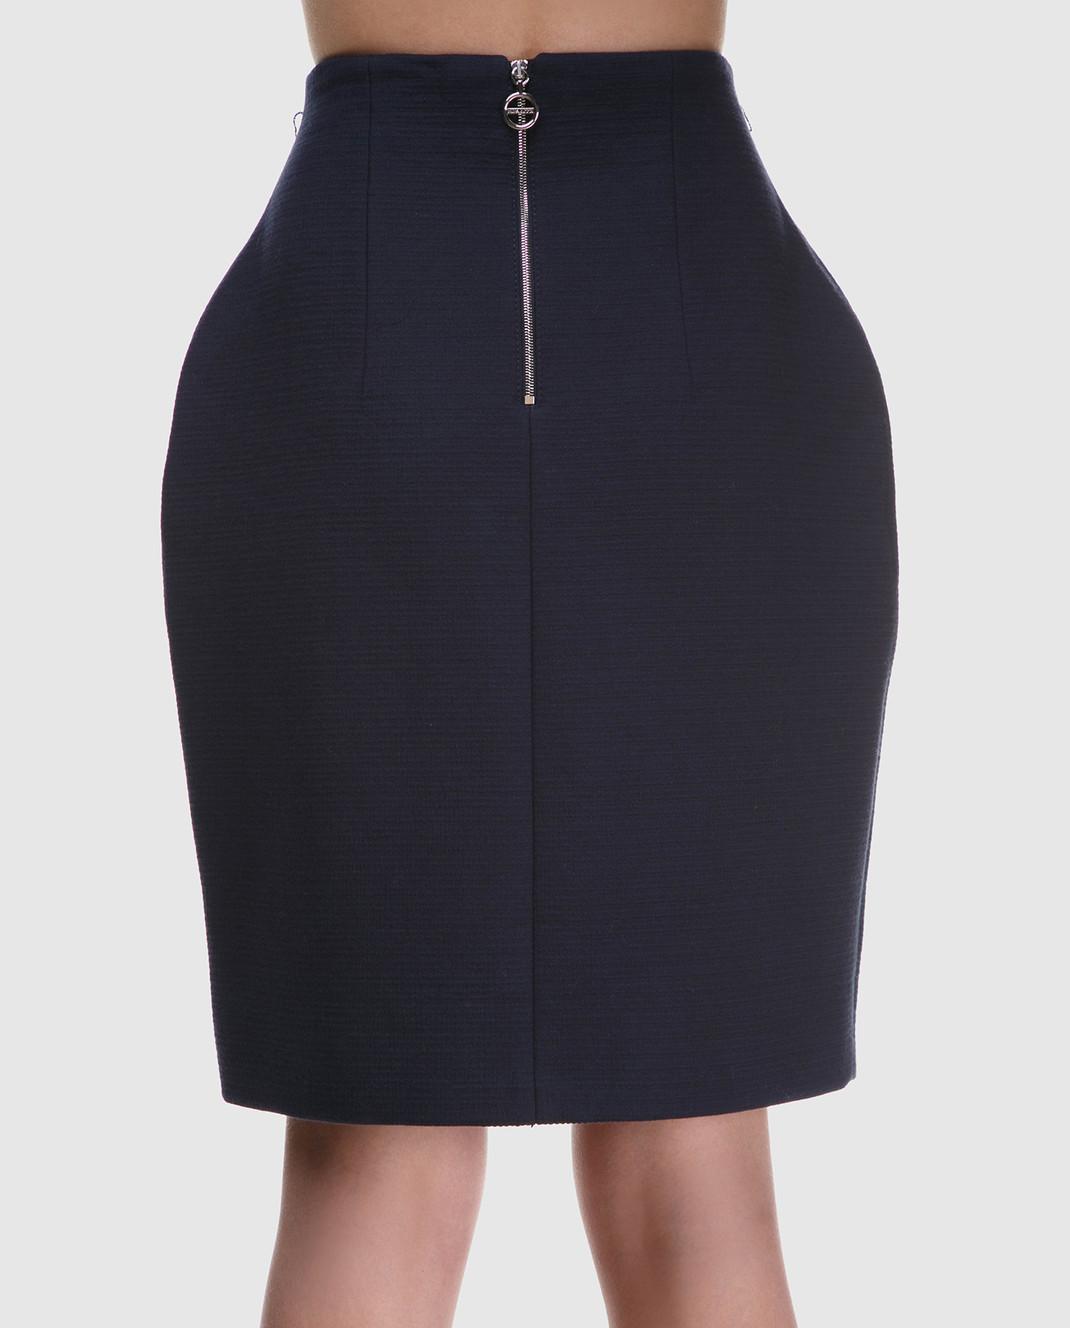 NINA RICCI Темно-синяя юбка 18PCJU002C00864 изображение 4